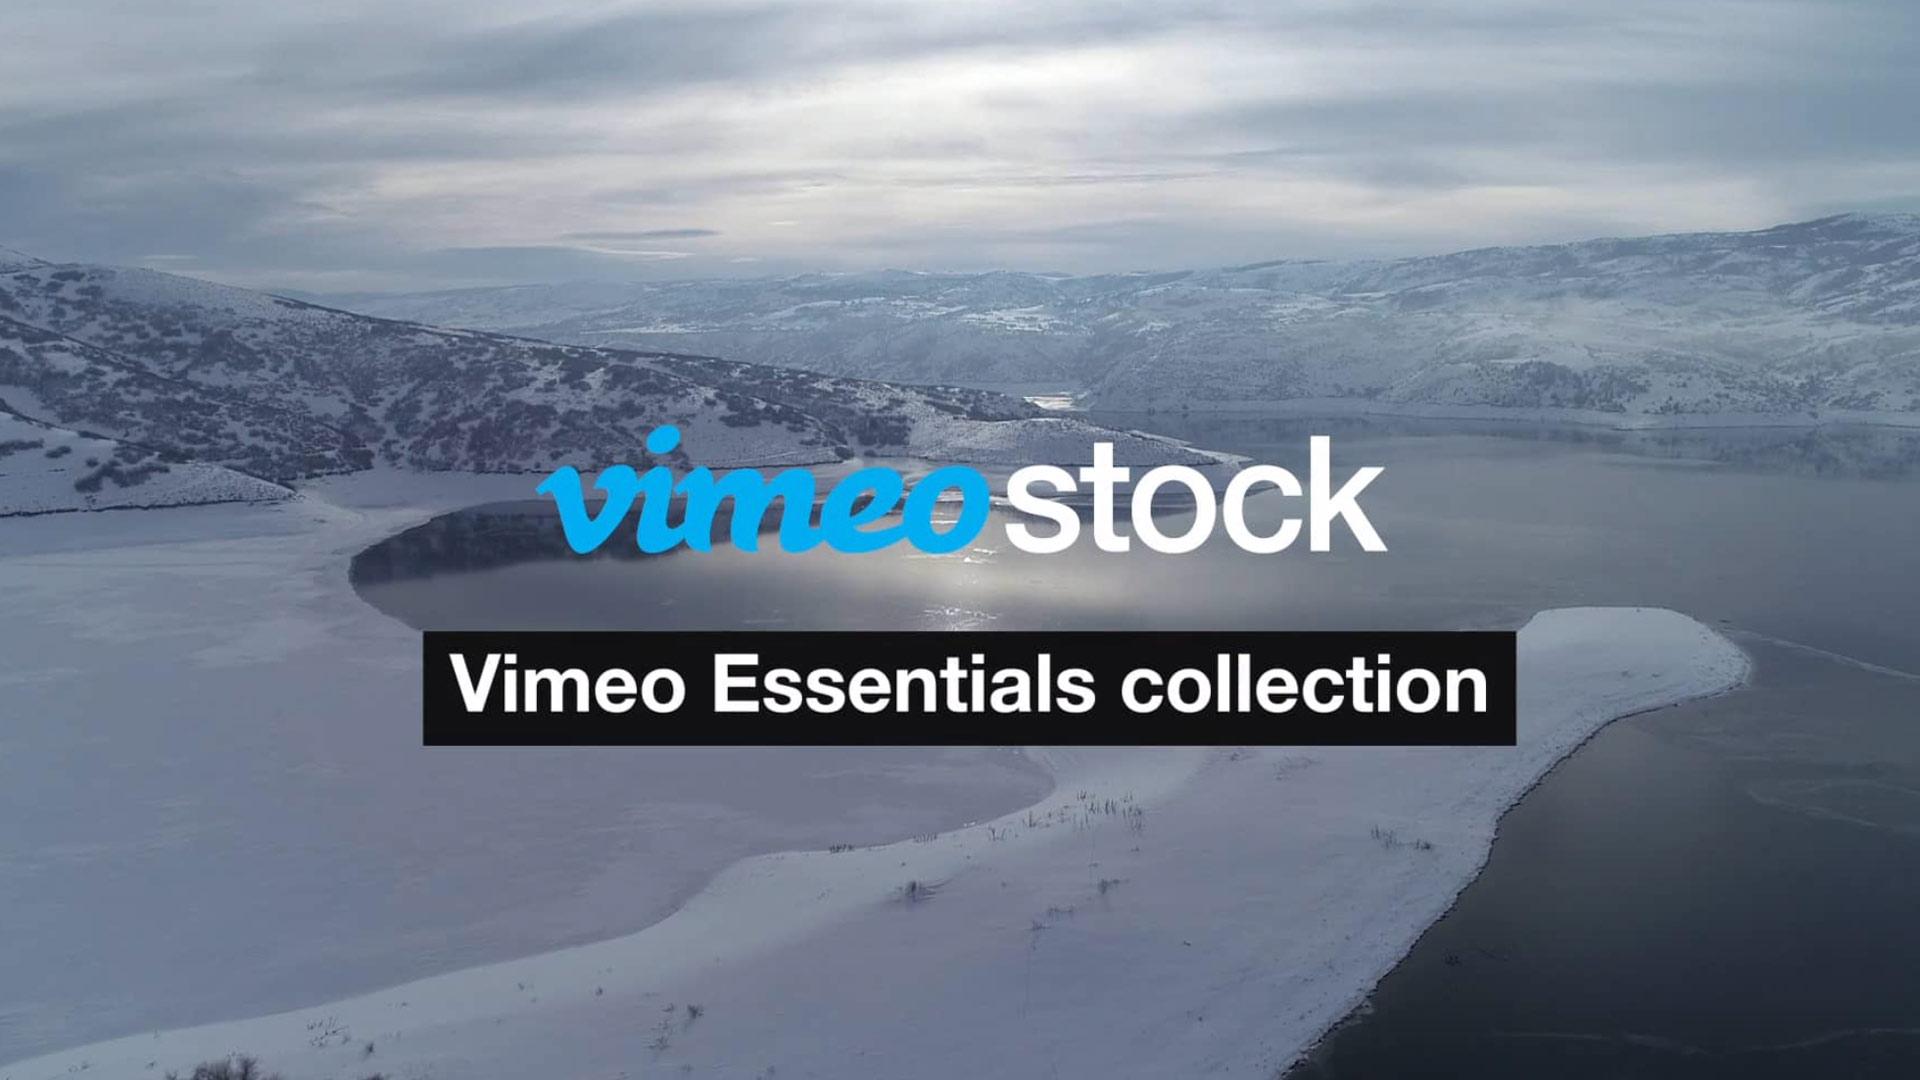 Vimeo Stock le ofrece a sus miembros pagos más de 1000 clips de forma gratuita